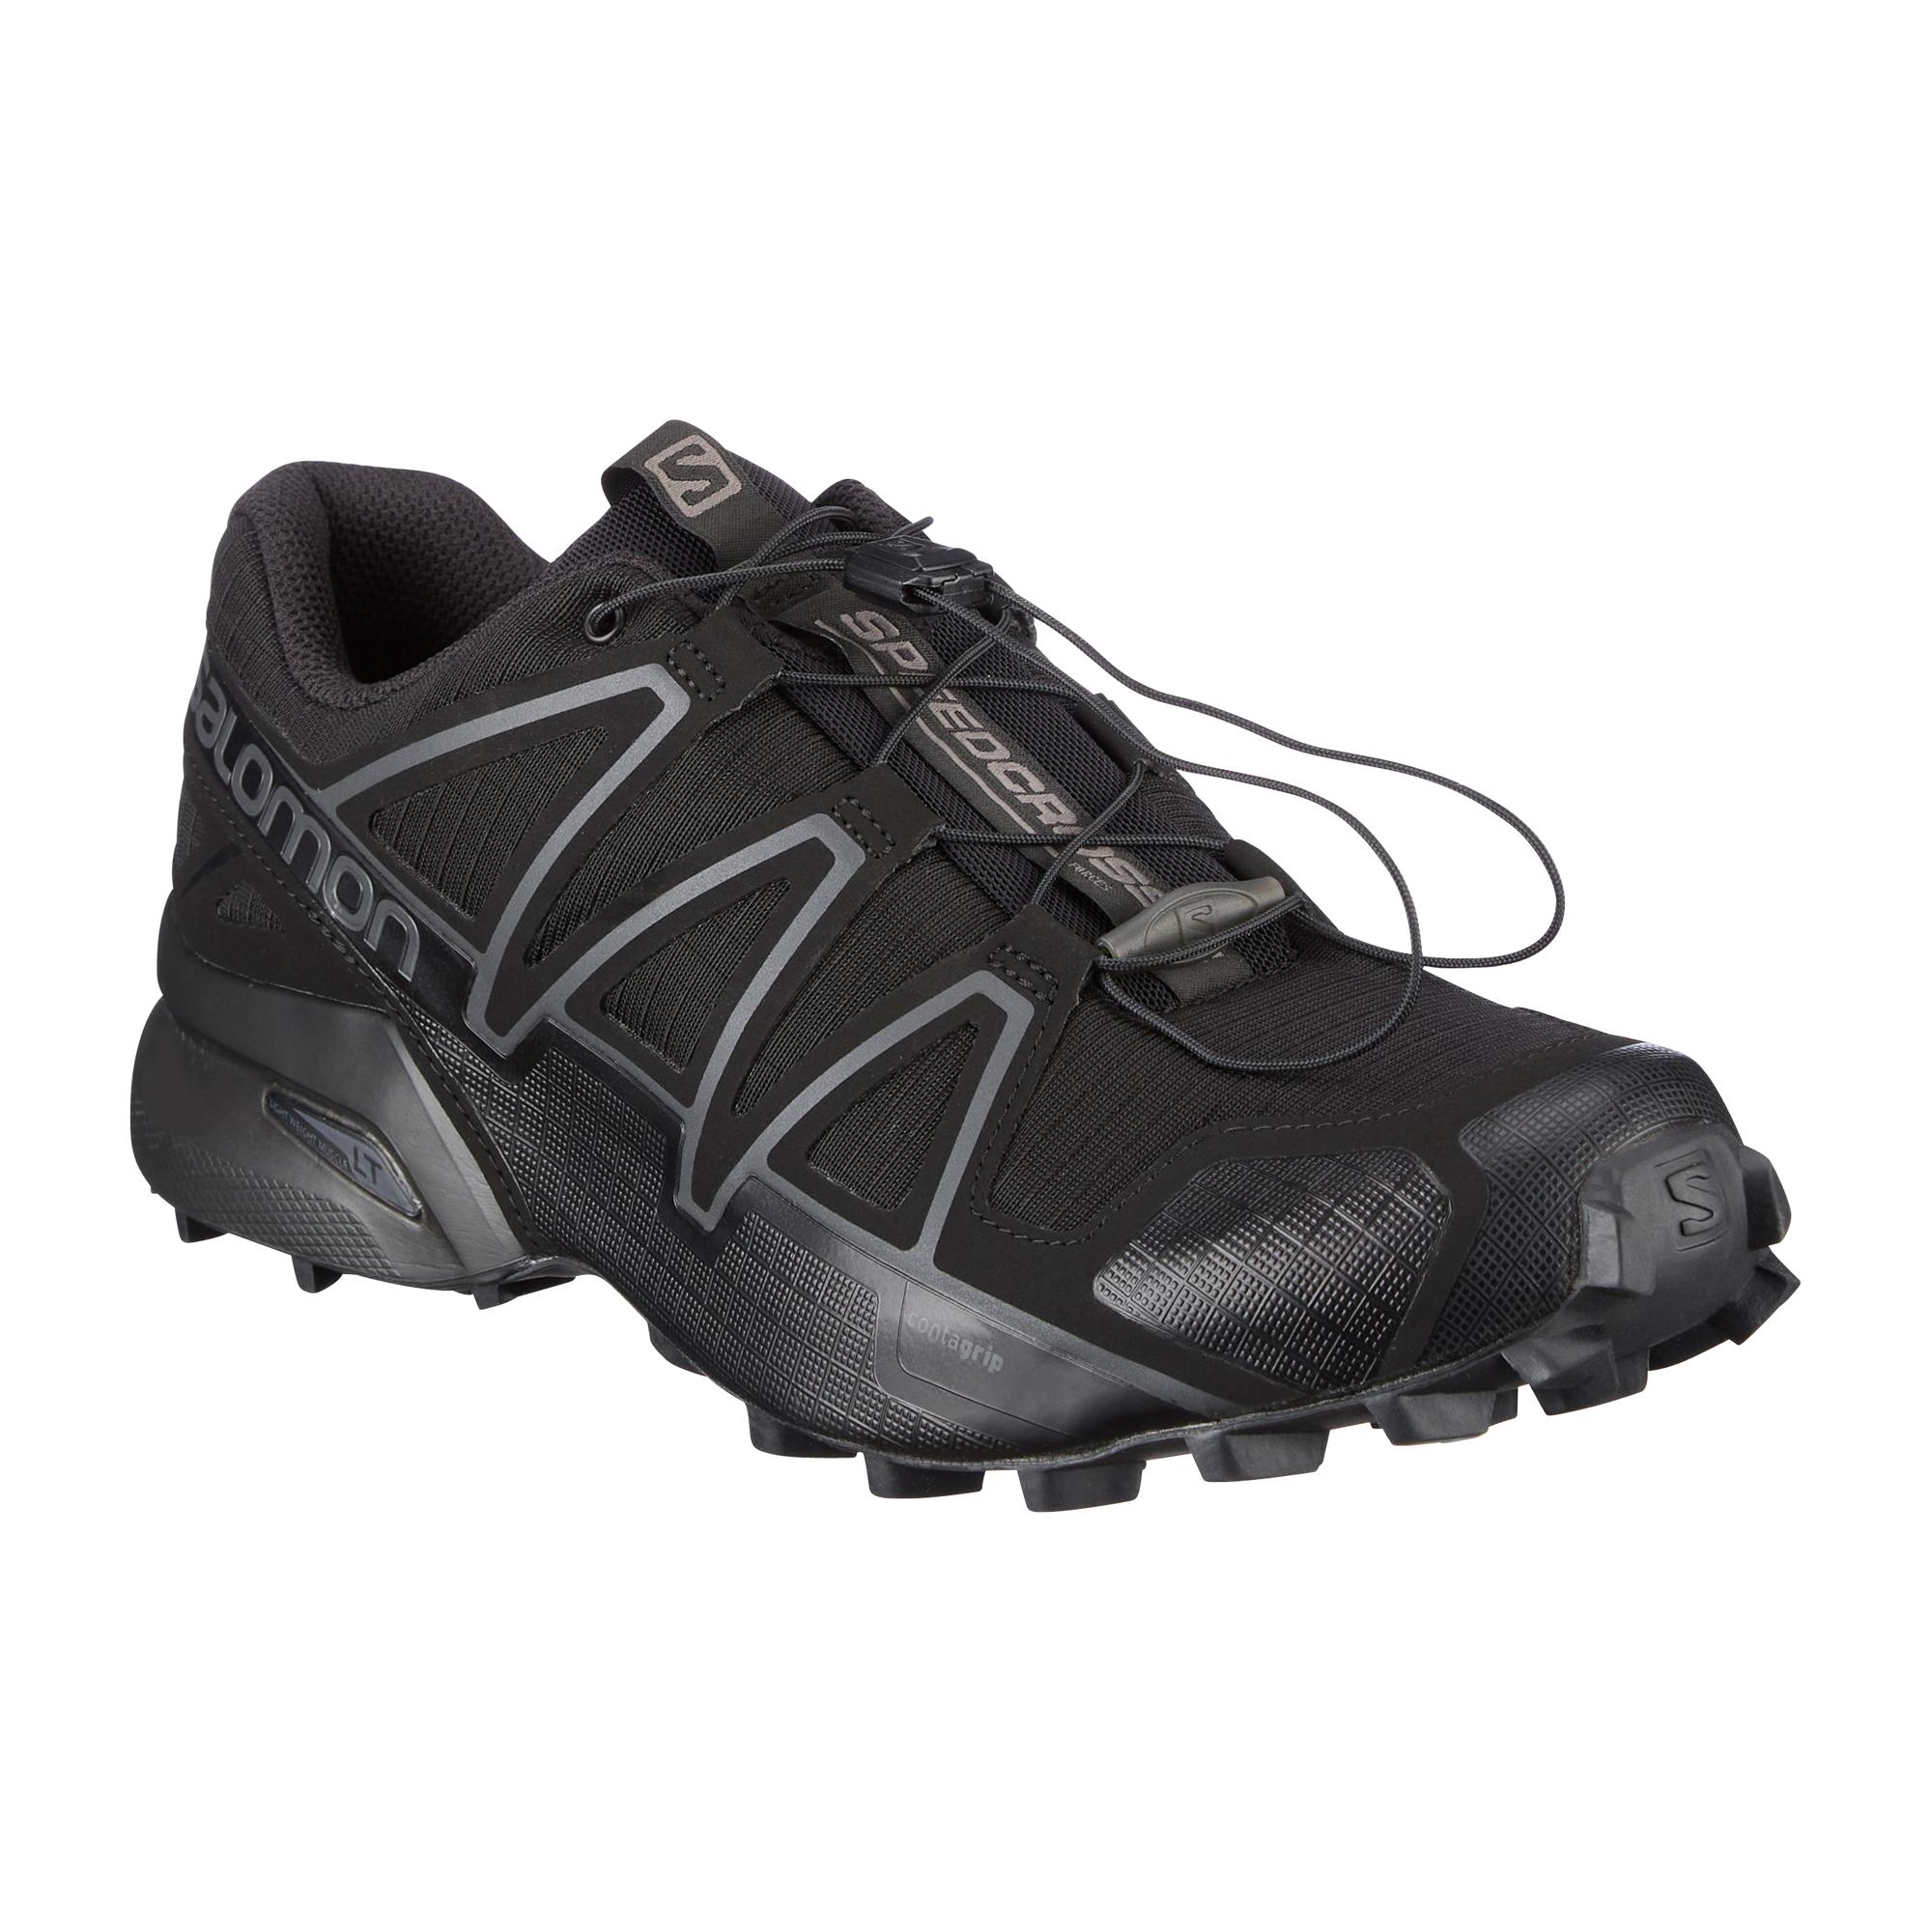 Salomon Schuhe Speedcross 4 Wide Forces schwarz